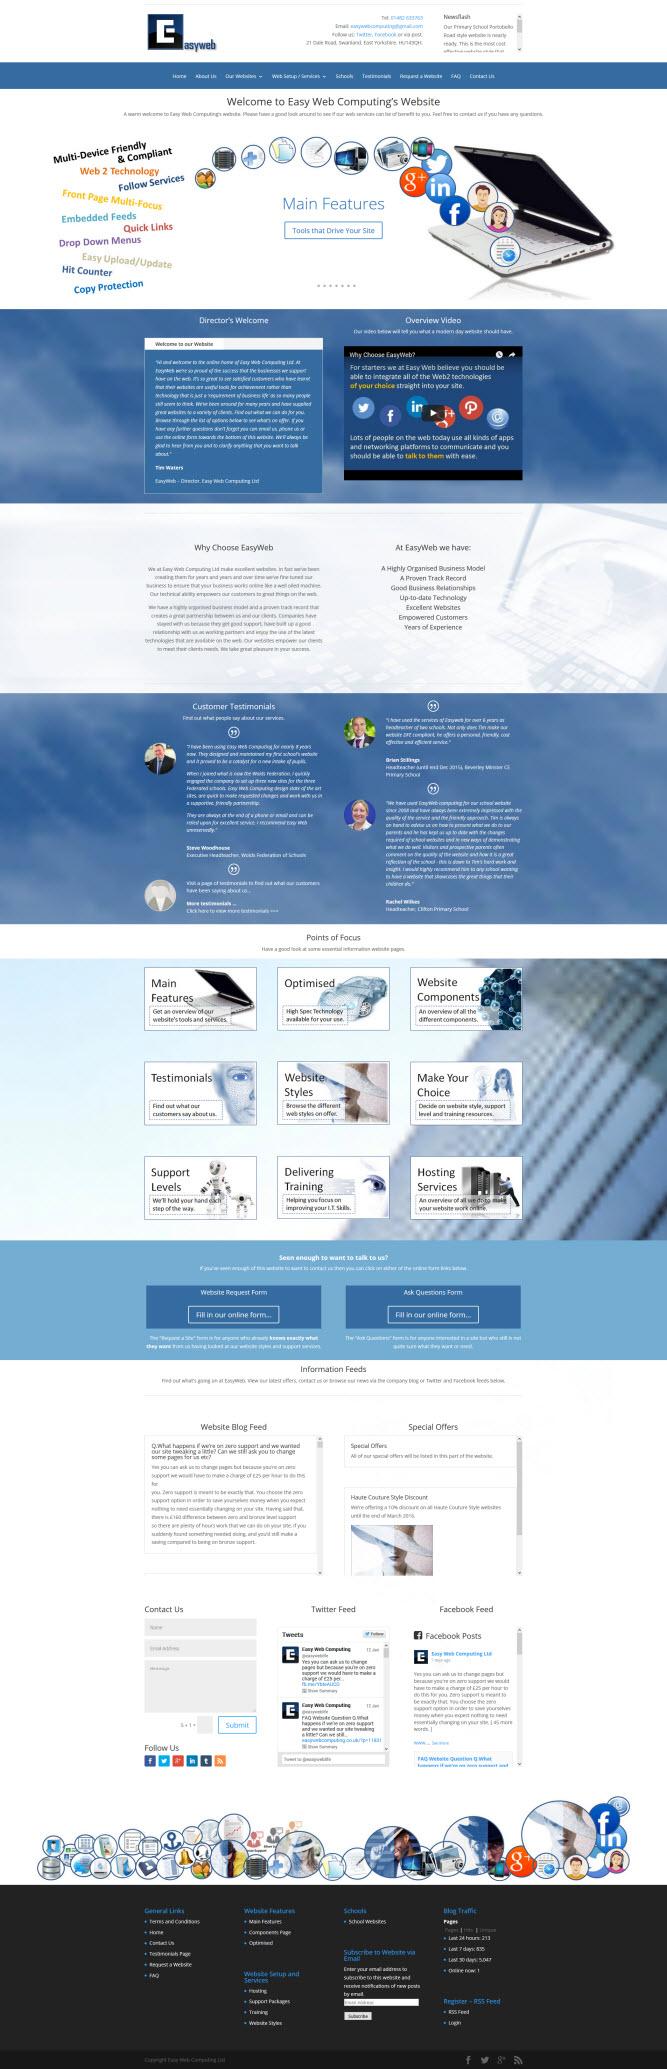 easyweb webiste